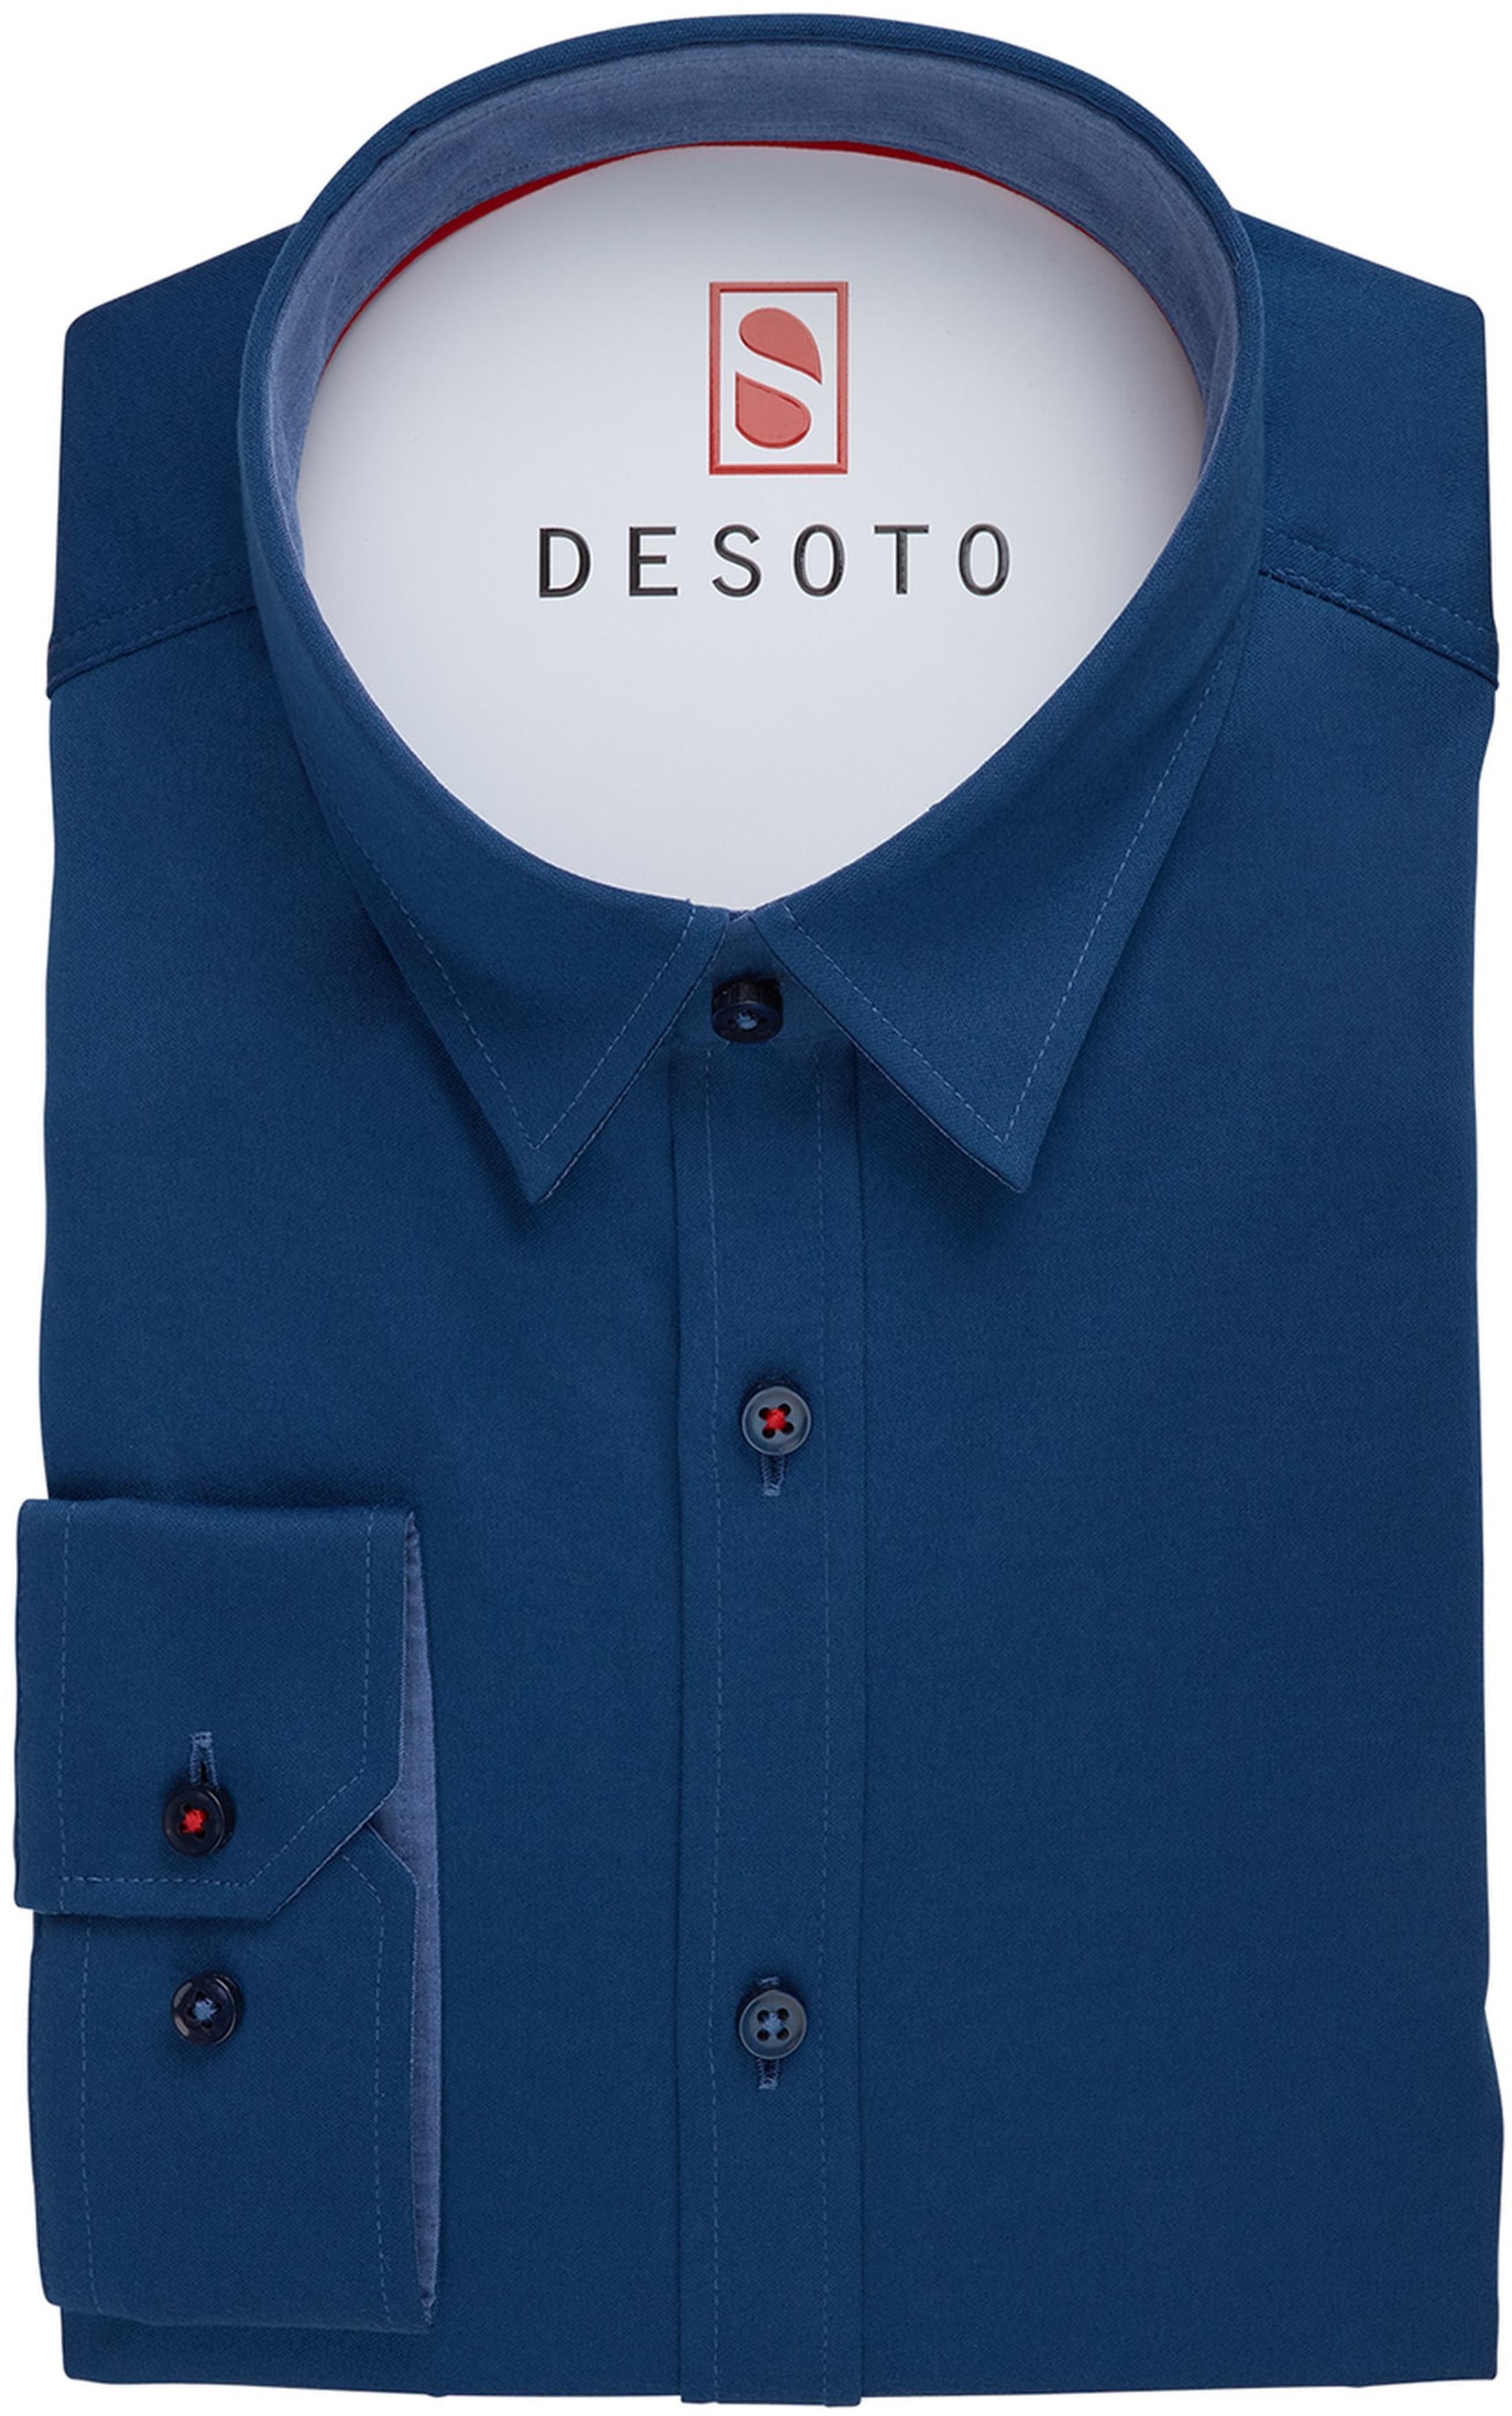 DESOTO Hemd Bügelfrei Blau foto 2